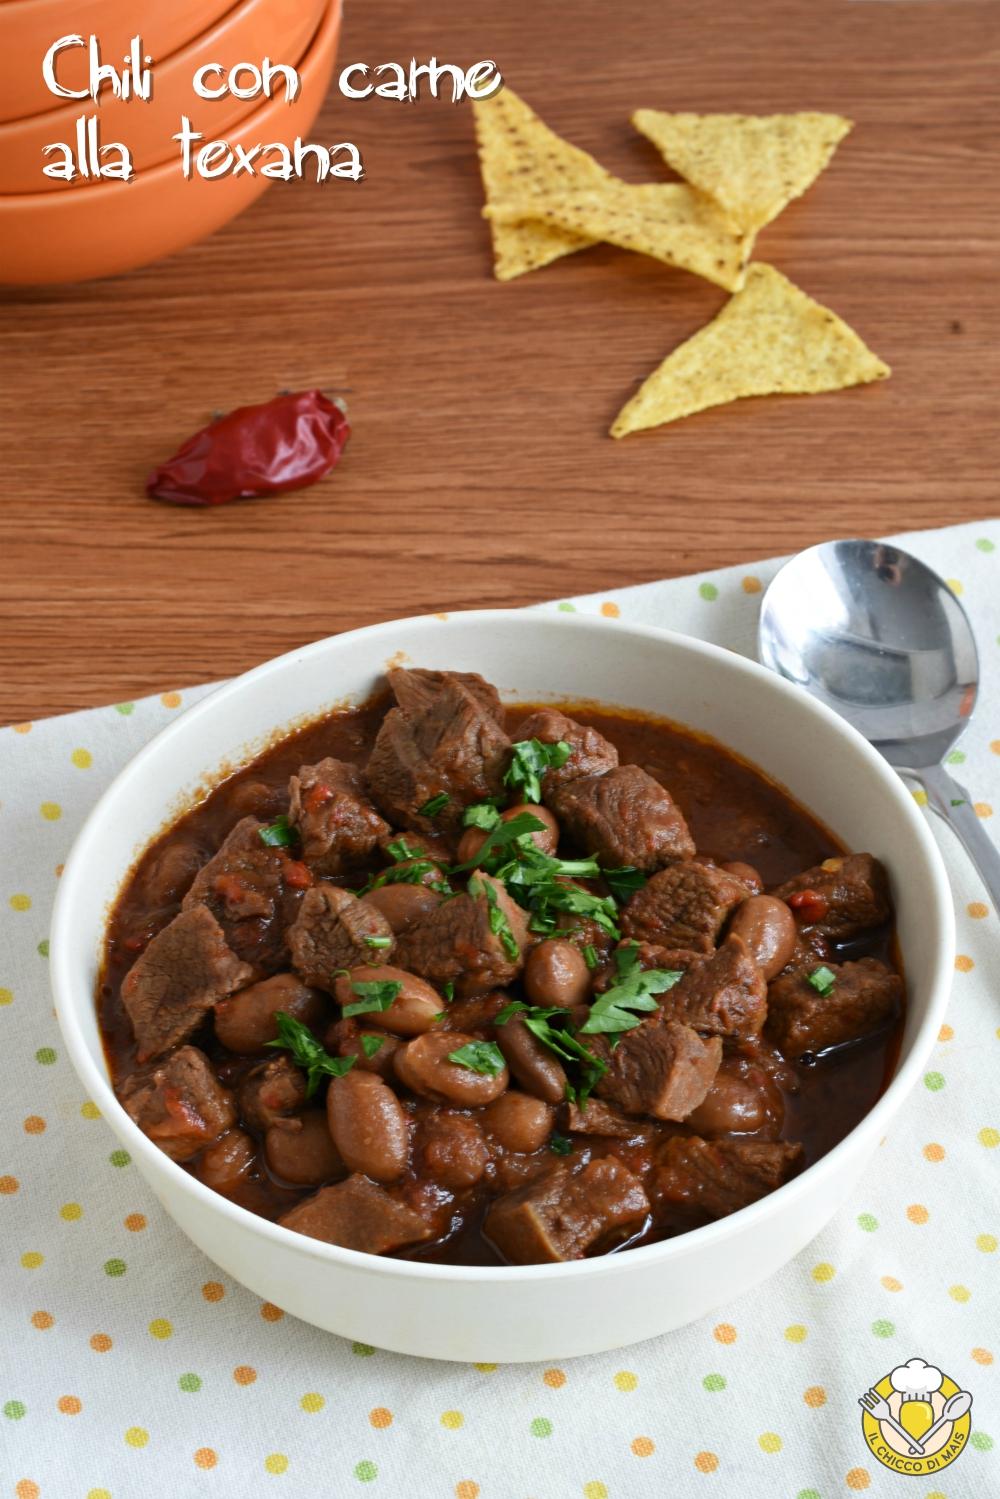 v_ chili con carne alla texana con carne a pezzi ricetta originale americana il chicco di mais